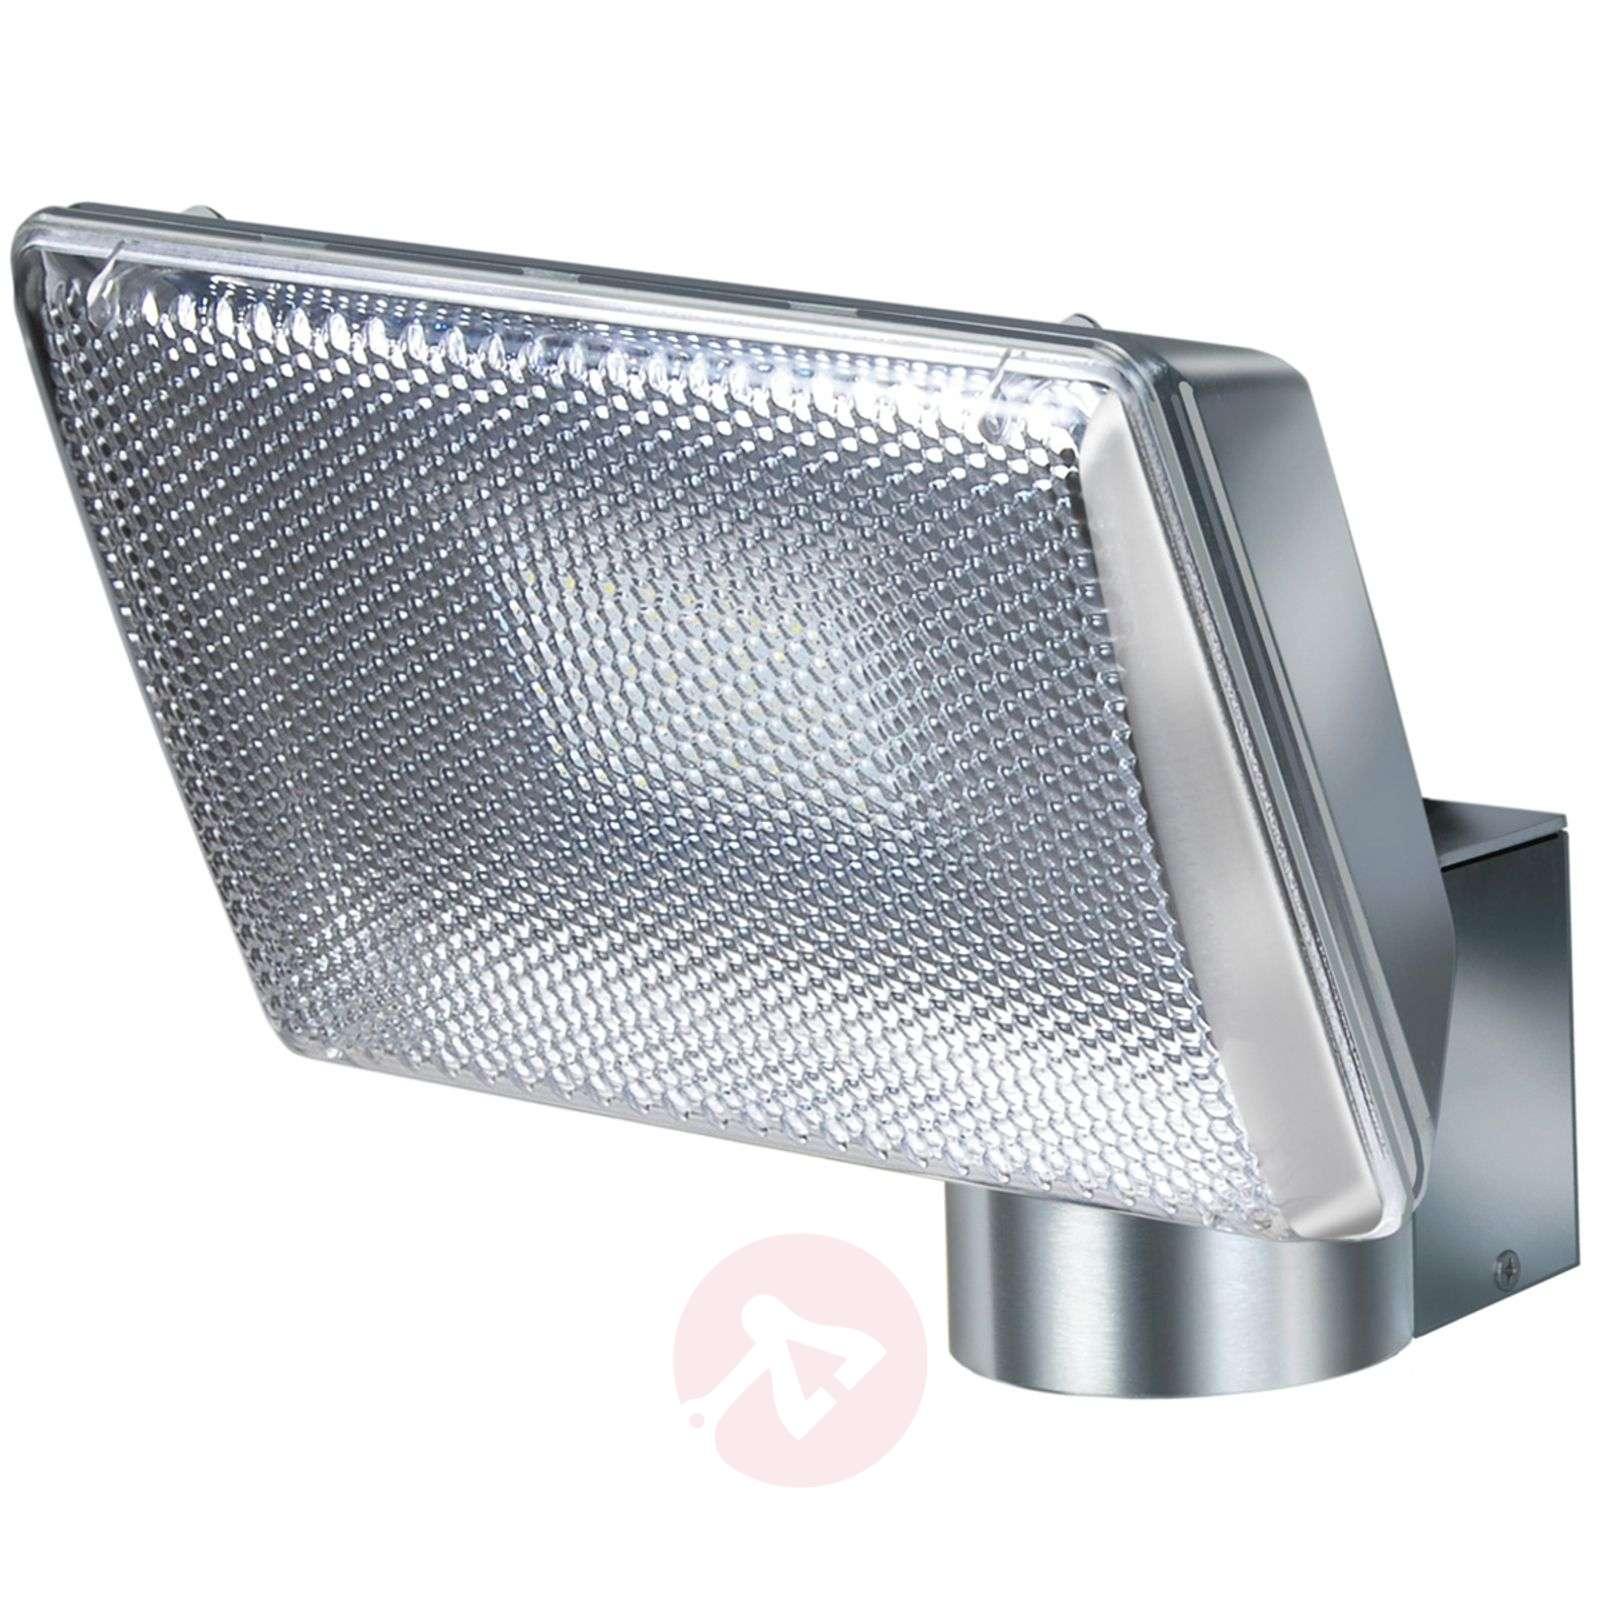 LED-ulkoseinävalonheitin, jossa on Power-LED-valot-1540136-01